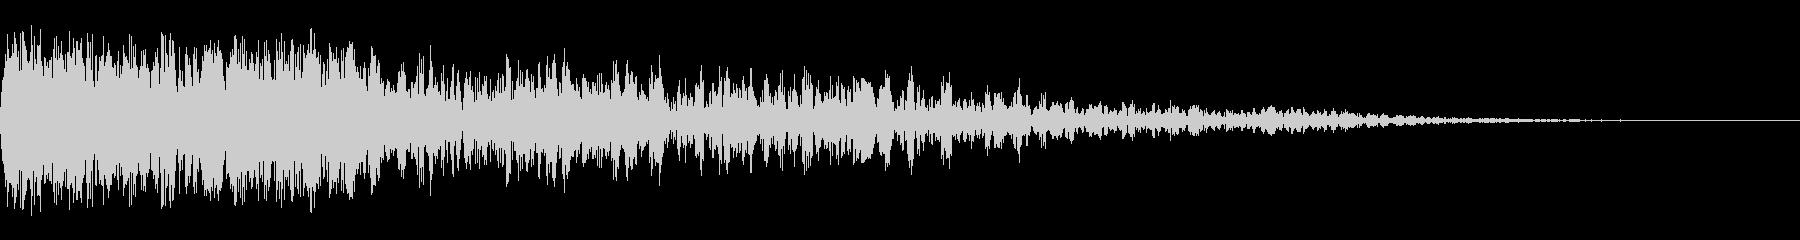 ディープメタリックインパクト2の未再生の波形